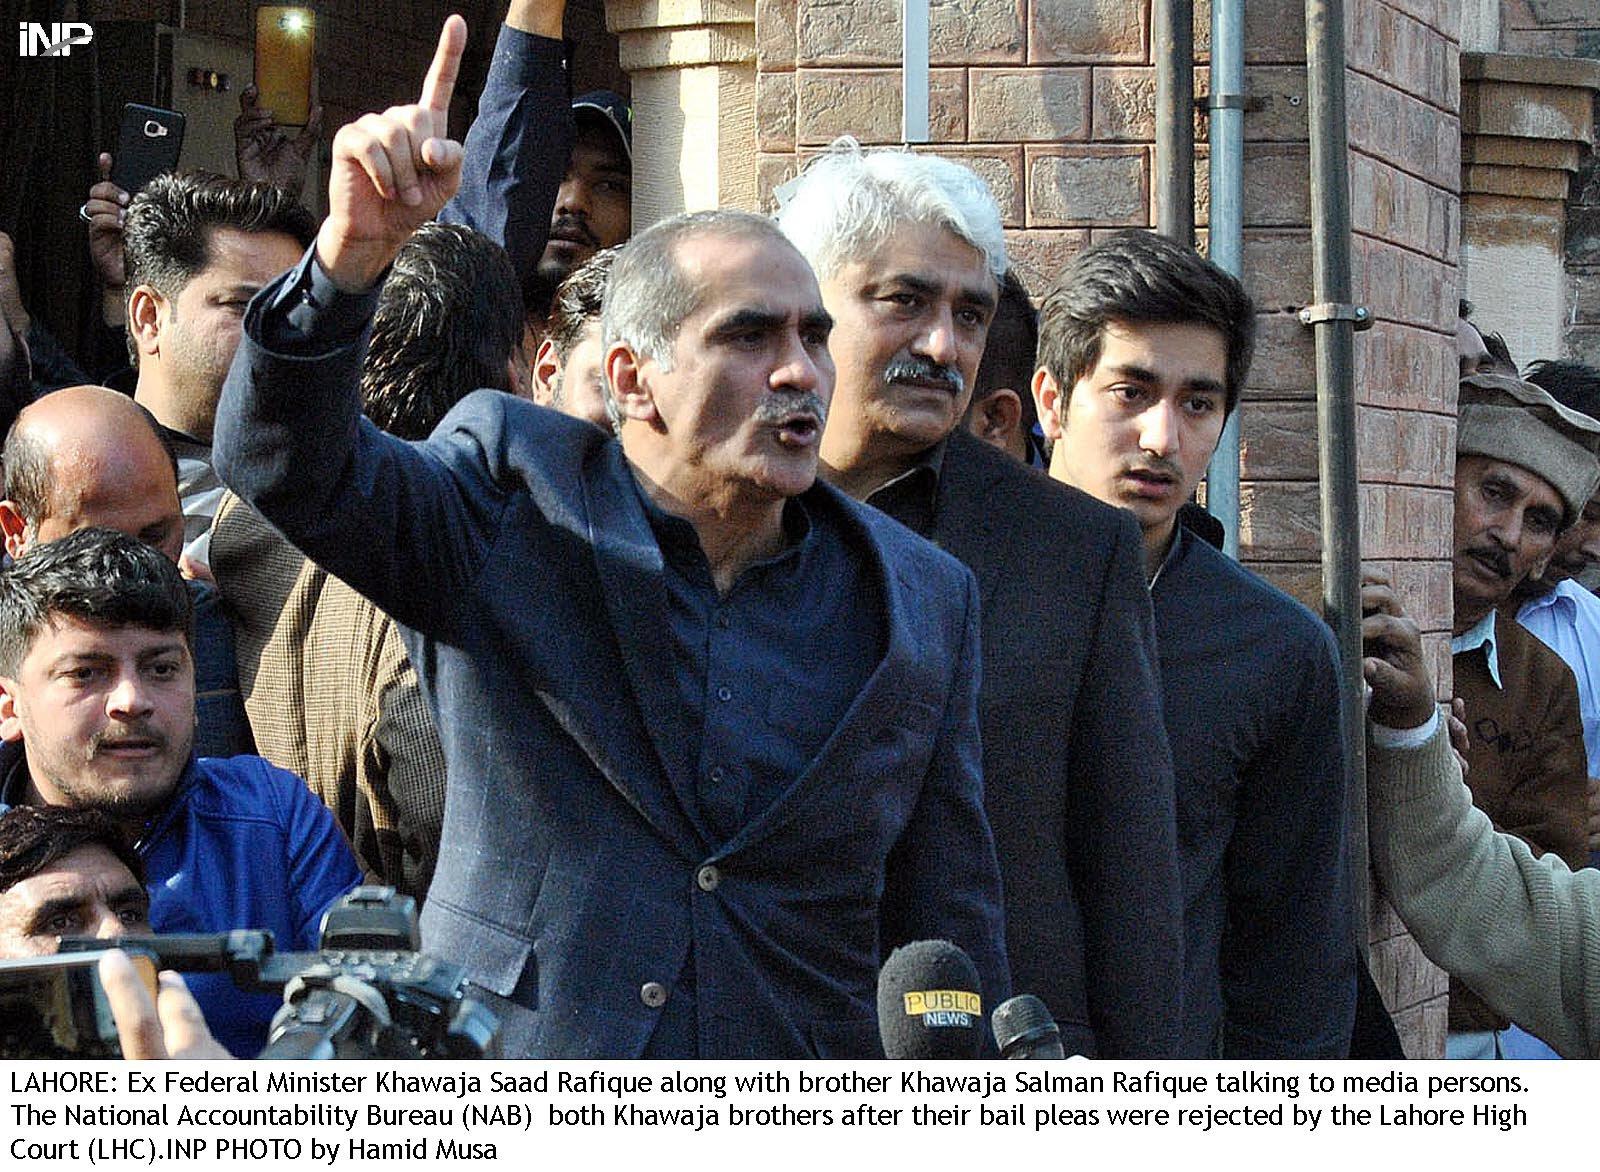 lhc dismisses khawaja saad rafique bail plea